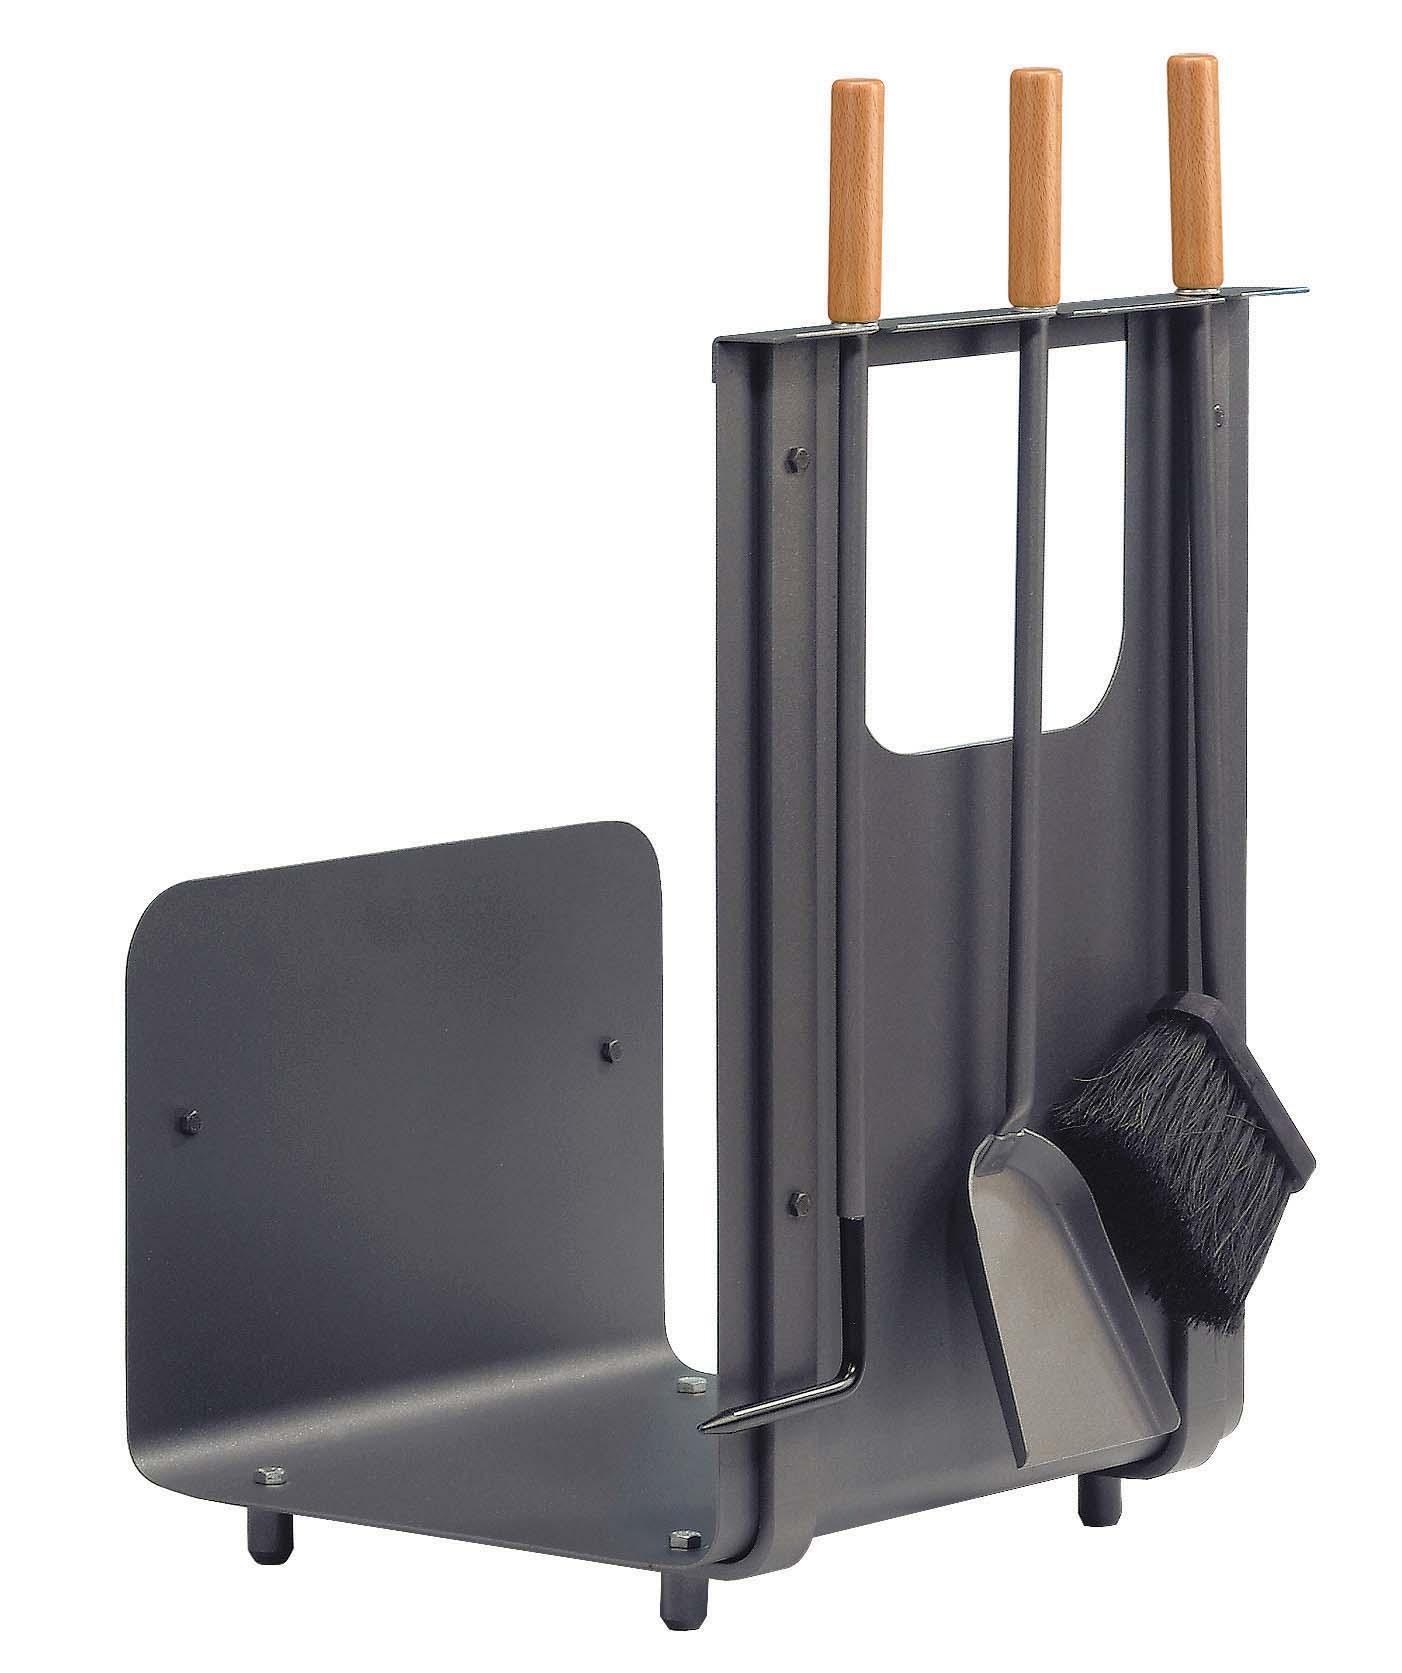 kaminbesteck holzkorb lienbacher premium anthrazit 3teilig. Black Bedroom Furniture Sets. Home Design Ideas